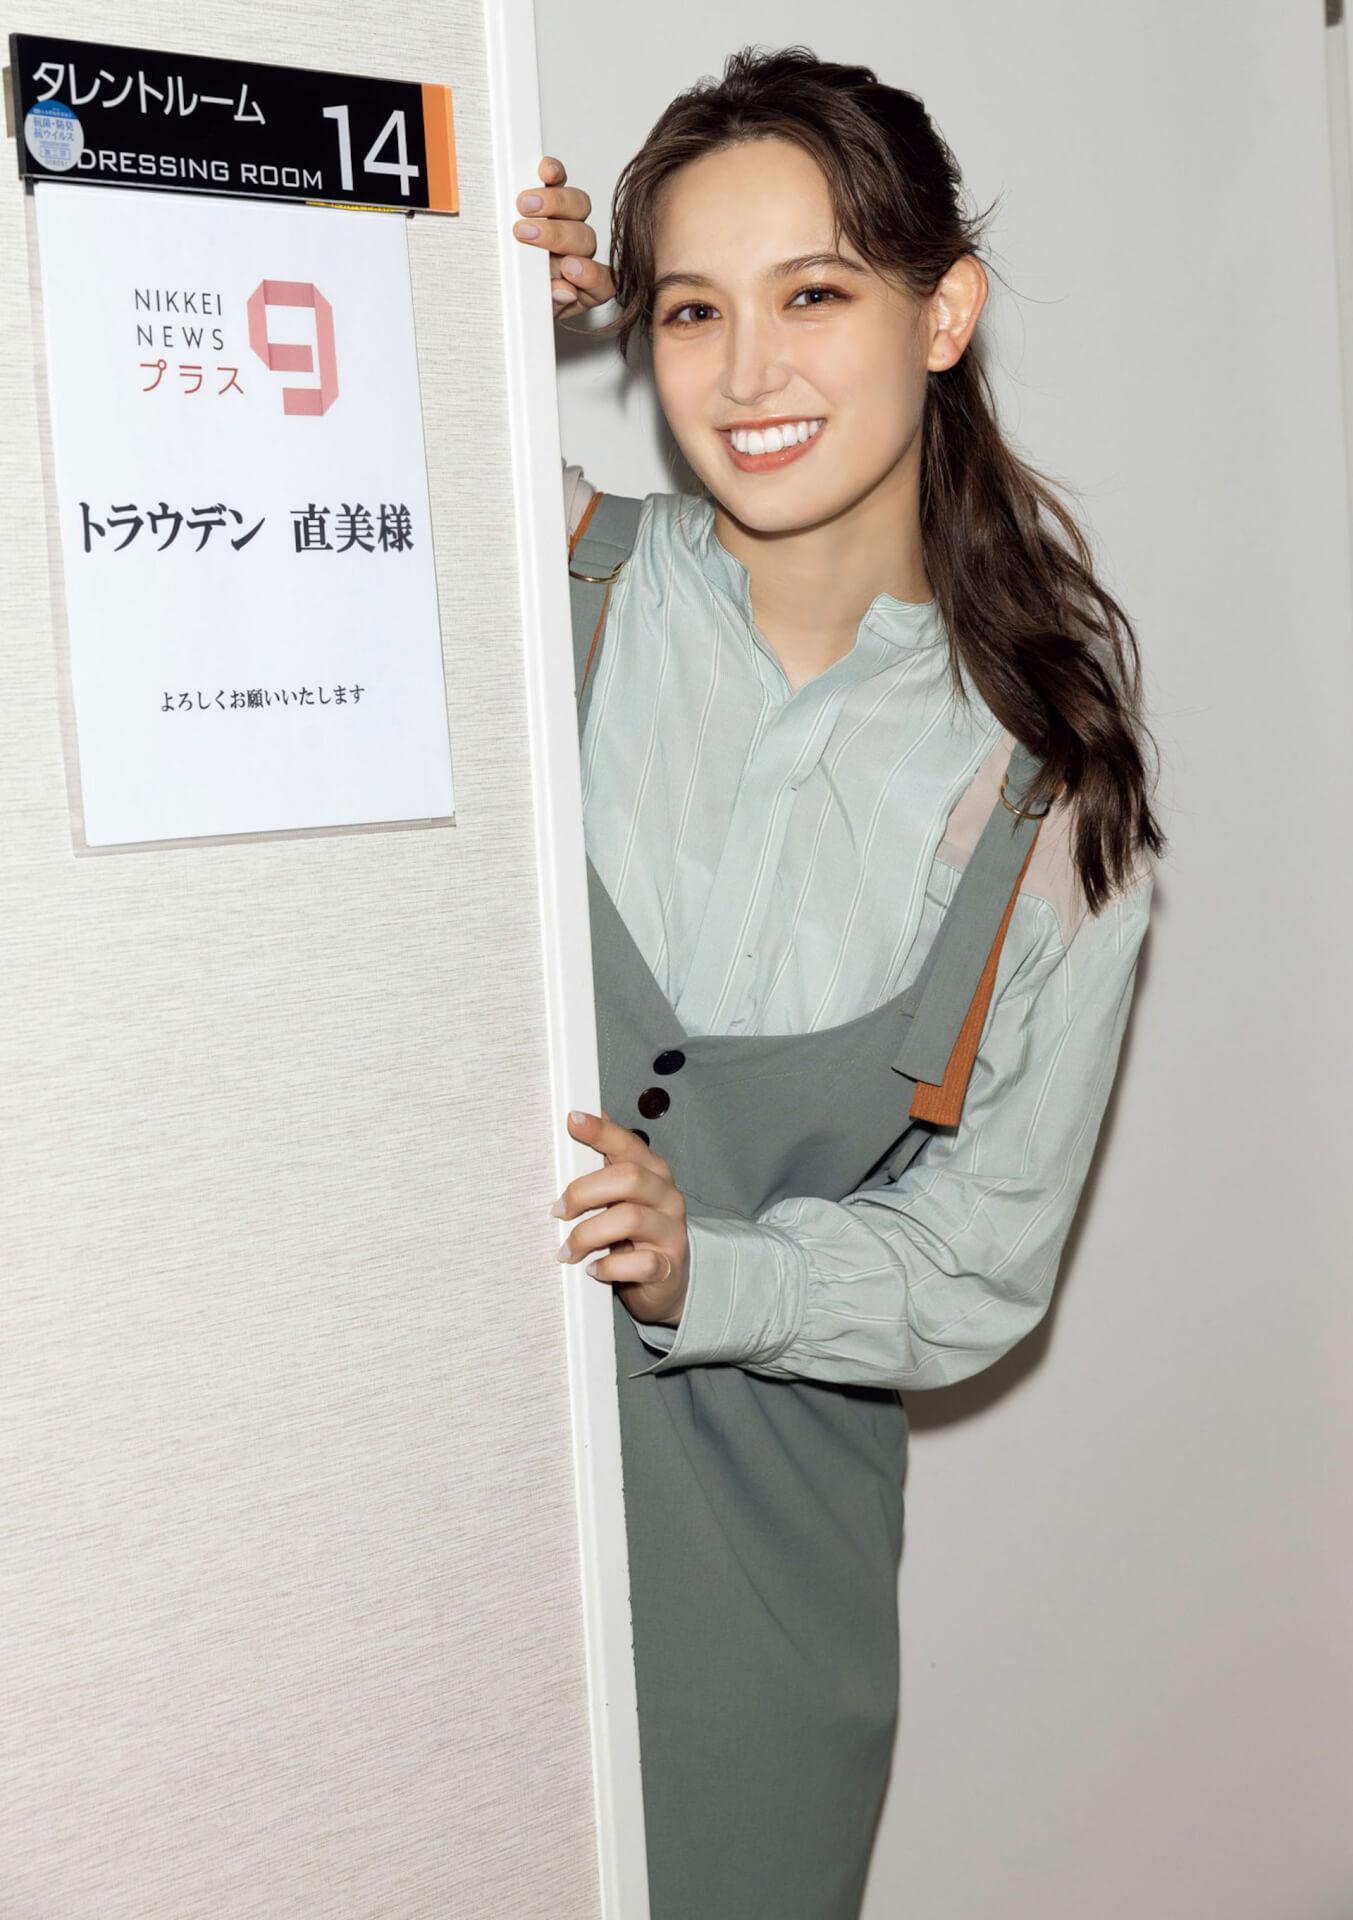 『めざましテレビ』のイマドキガール志田音々が純白のランジェリー姿を披露!『FLASH』でグラビアに挑戦 art210629_flash_3